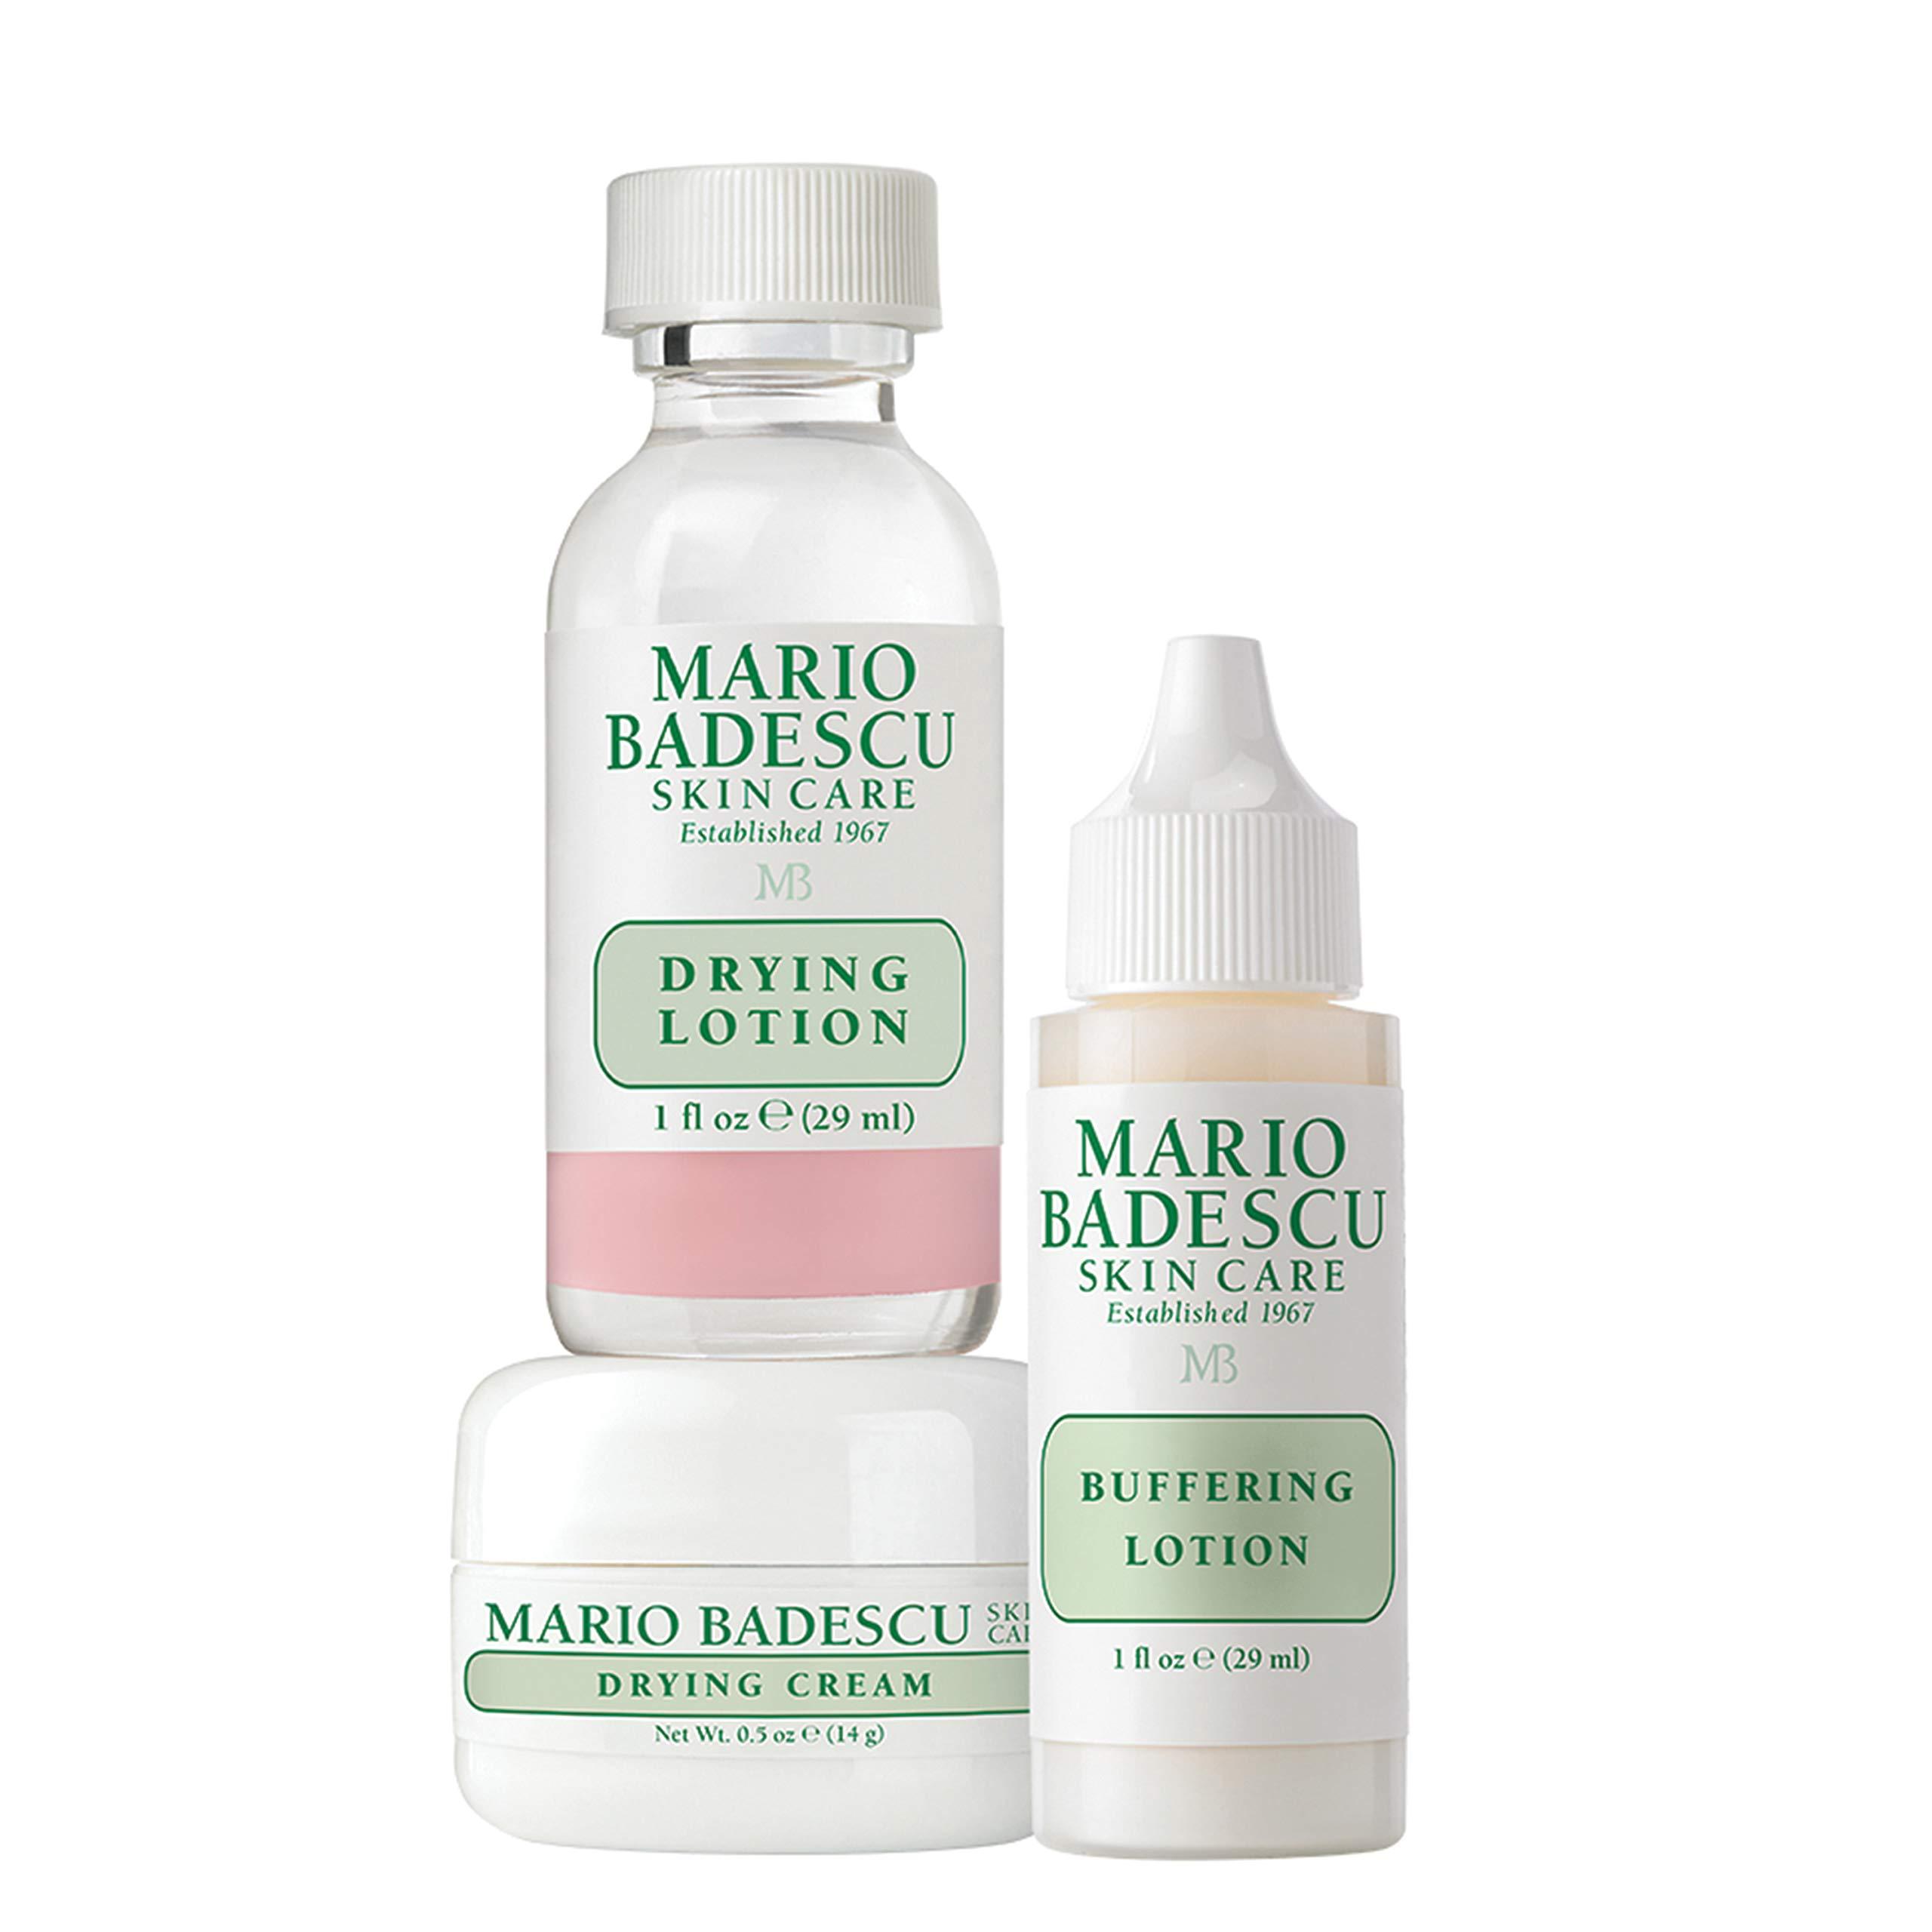 Mario Badescu Skin Care Acne Repair Kit